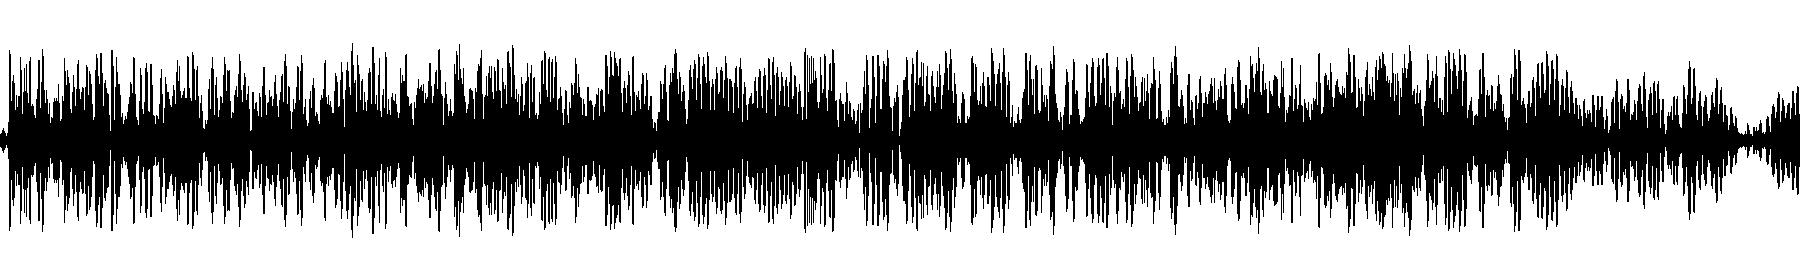 blbc cinedrums a fx 95 02